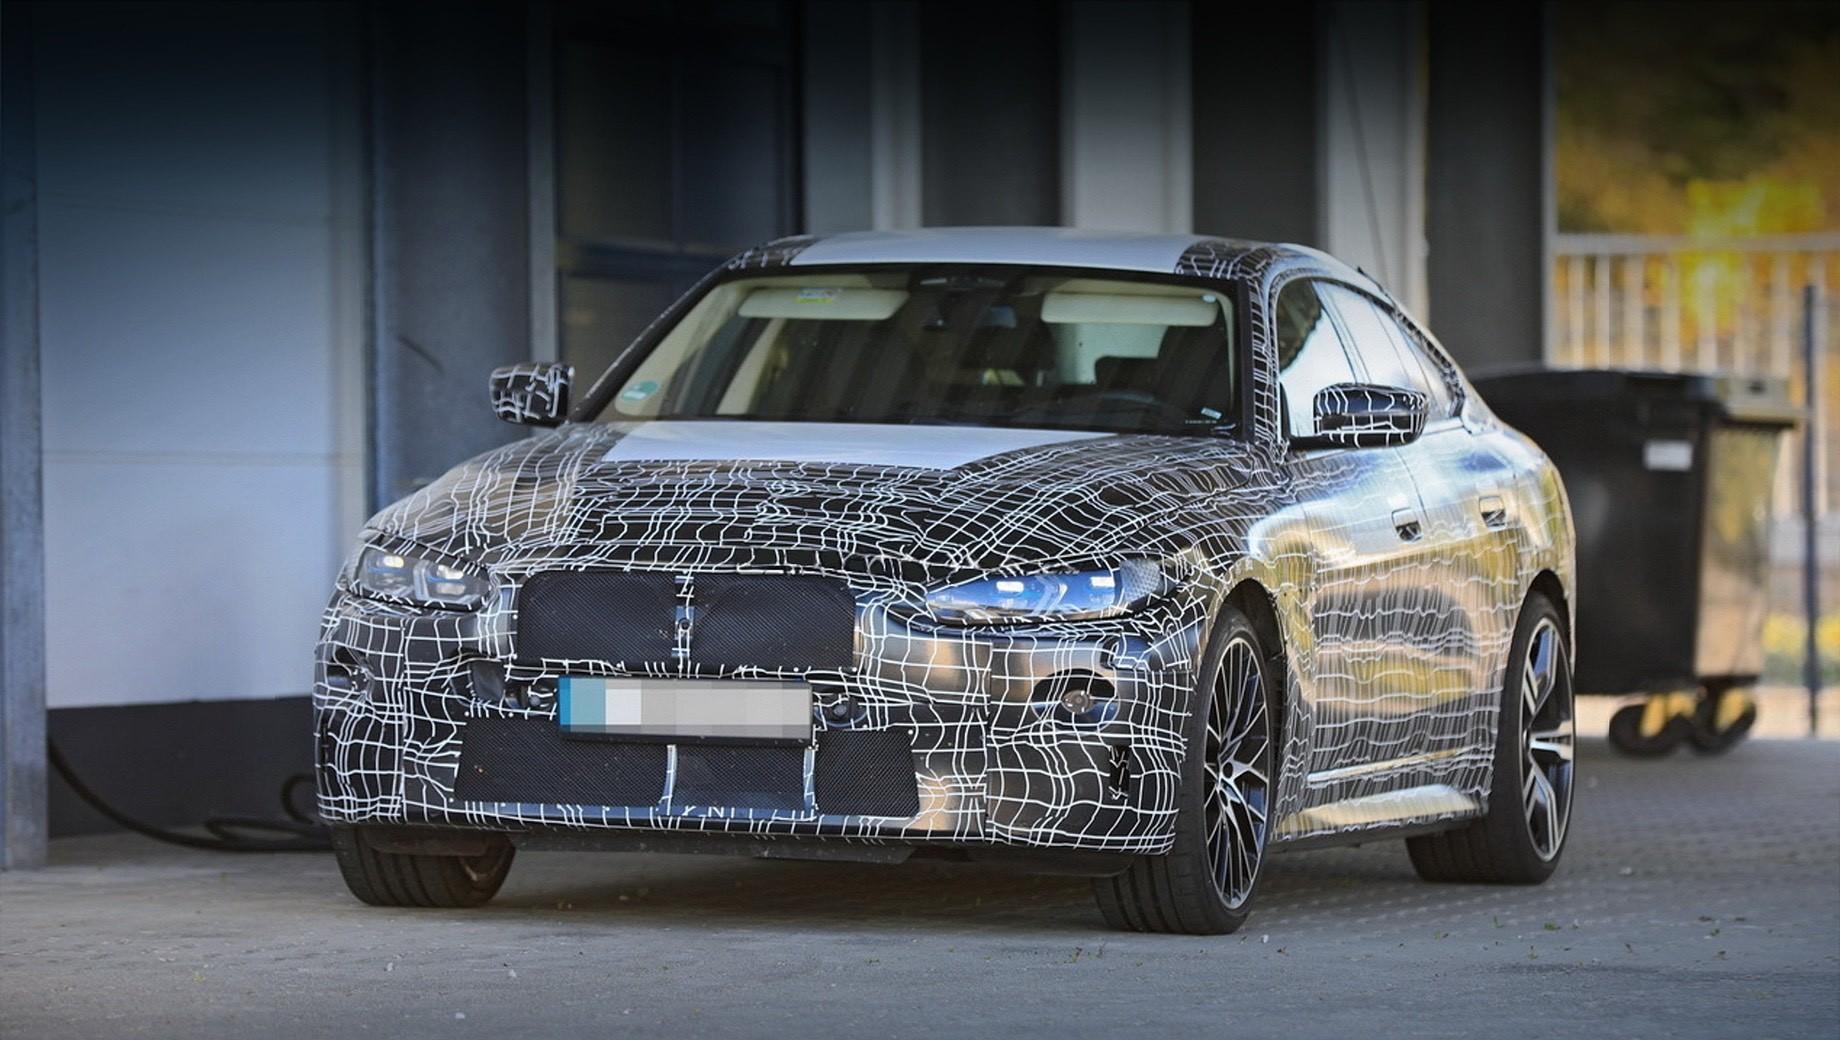 Bmw i4,Bmw i4 m. Модели BMW i435 и i440, скорее всего, будут выглядеть чуть ли не одинаково, а более спортивная версия i4 M50 xDrive получит более агрессивный обвес, колёса увеличенного диаметра и спойлер на крышке багажника. Иными окажутся и настройки подвески с тормозами.